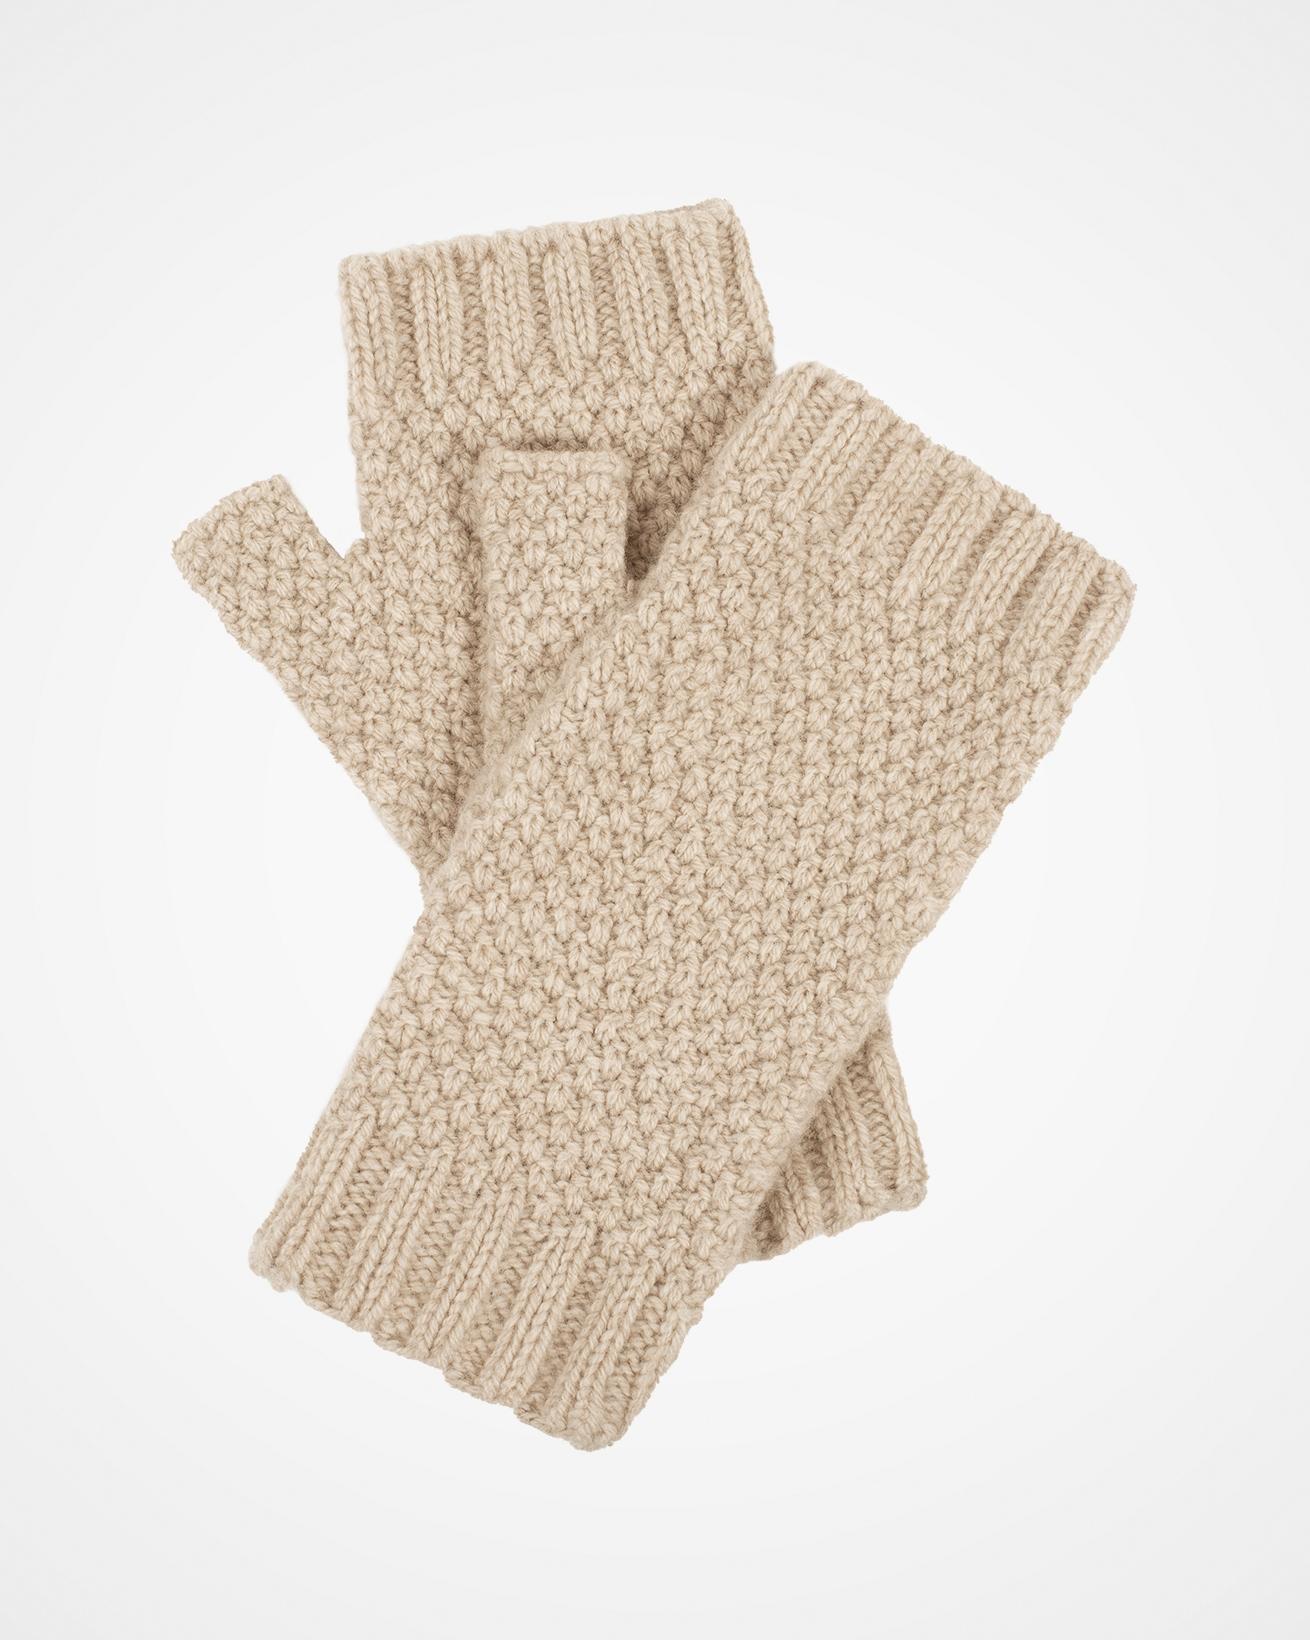 7757_moss-stitch-fingerless-mittens_oatmeal.jpg